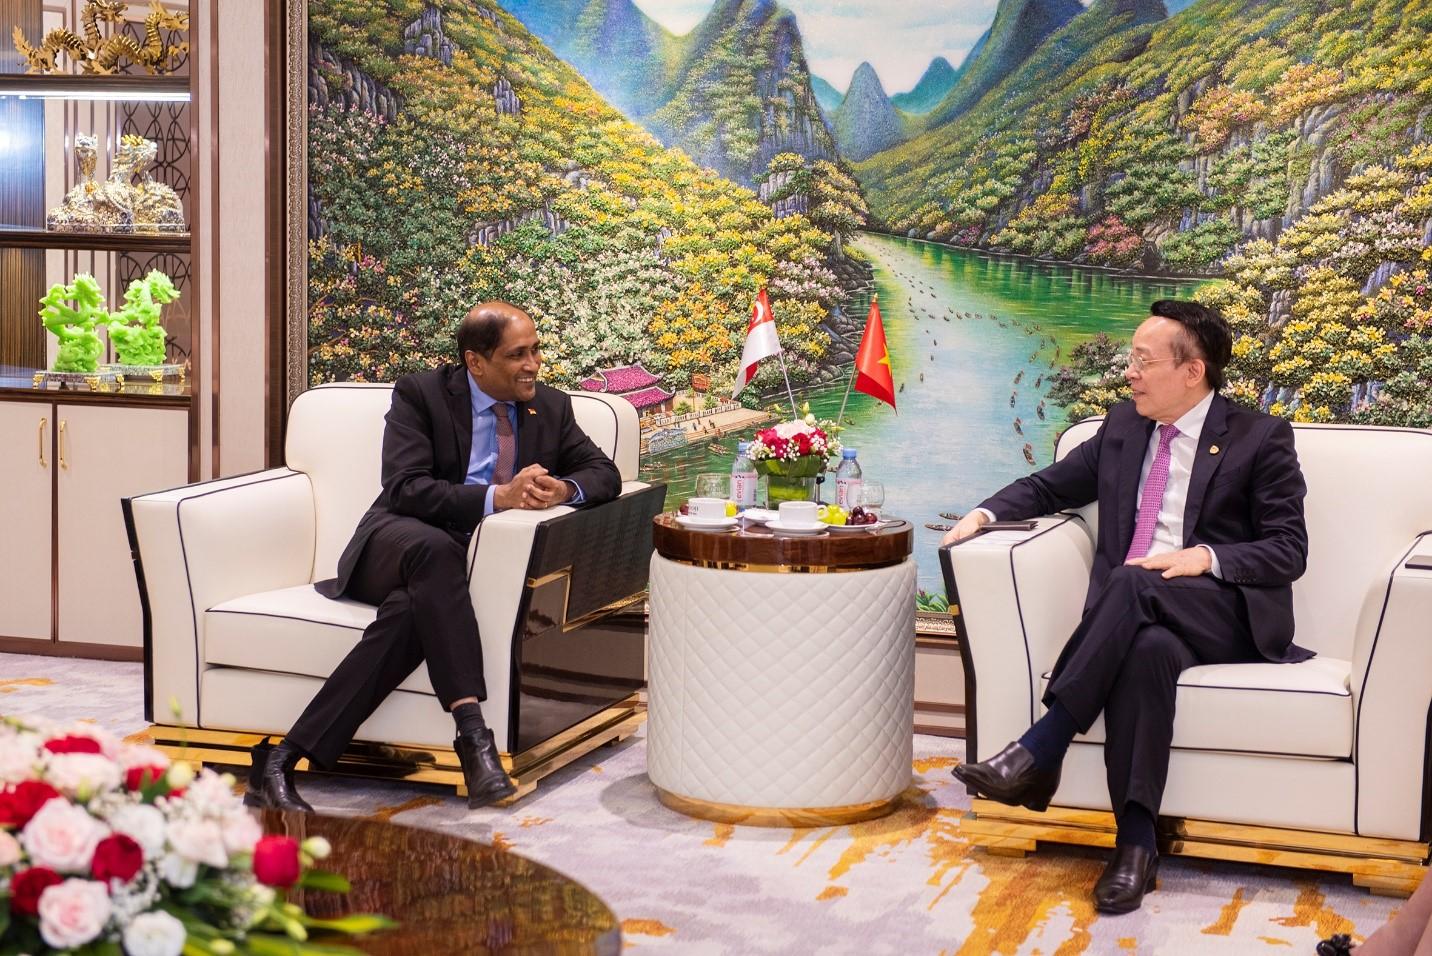 Ban Lãnh đạo Tập đoàn gặp gỡ và đón tiếp Đại sứ Đặc mệnh toàn quyền Singapore tại Việt Nam